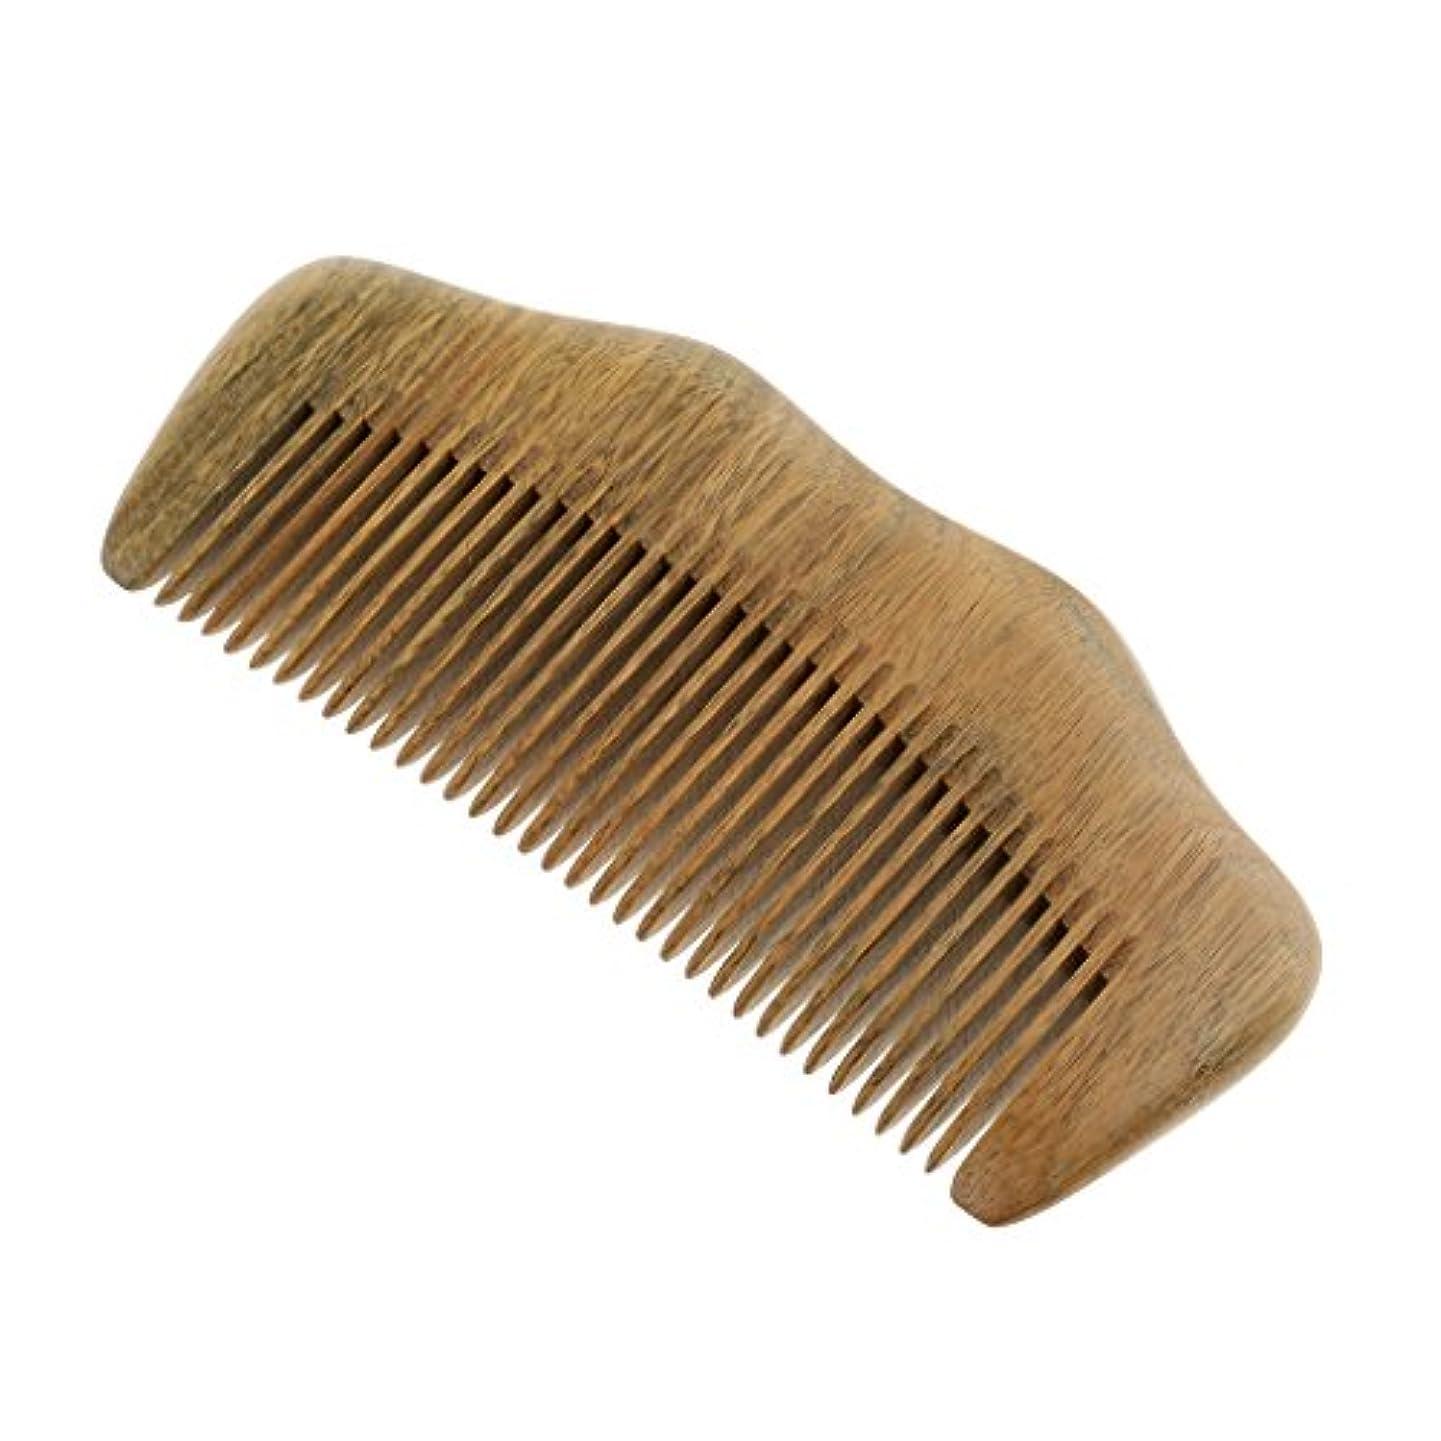 成分過半数スリップシューズT TOOYFUL ウッドヘアコーム 自然な木 櫛 ヘアケア マッサージ 細かい歯 静電気防止 滑らか